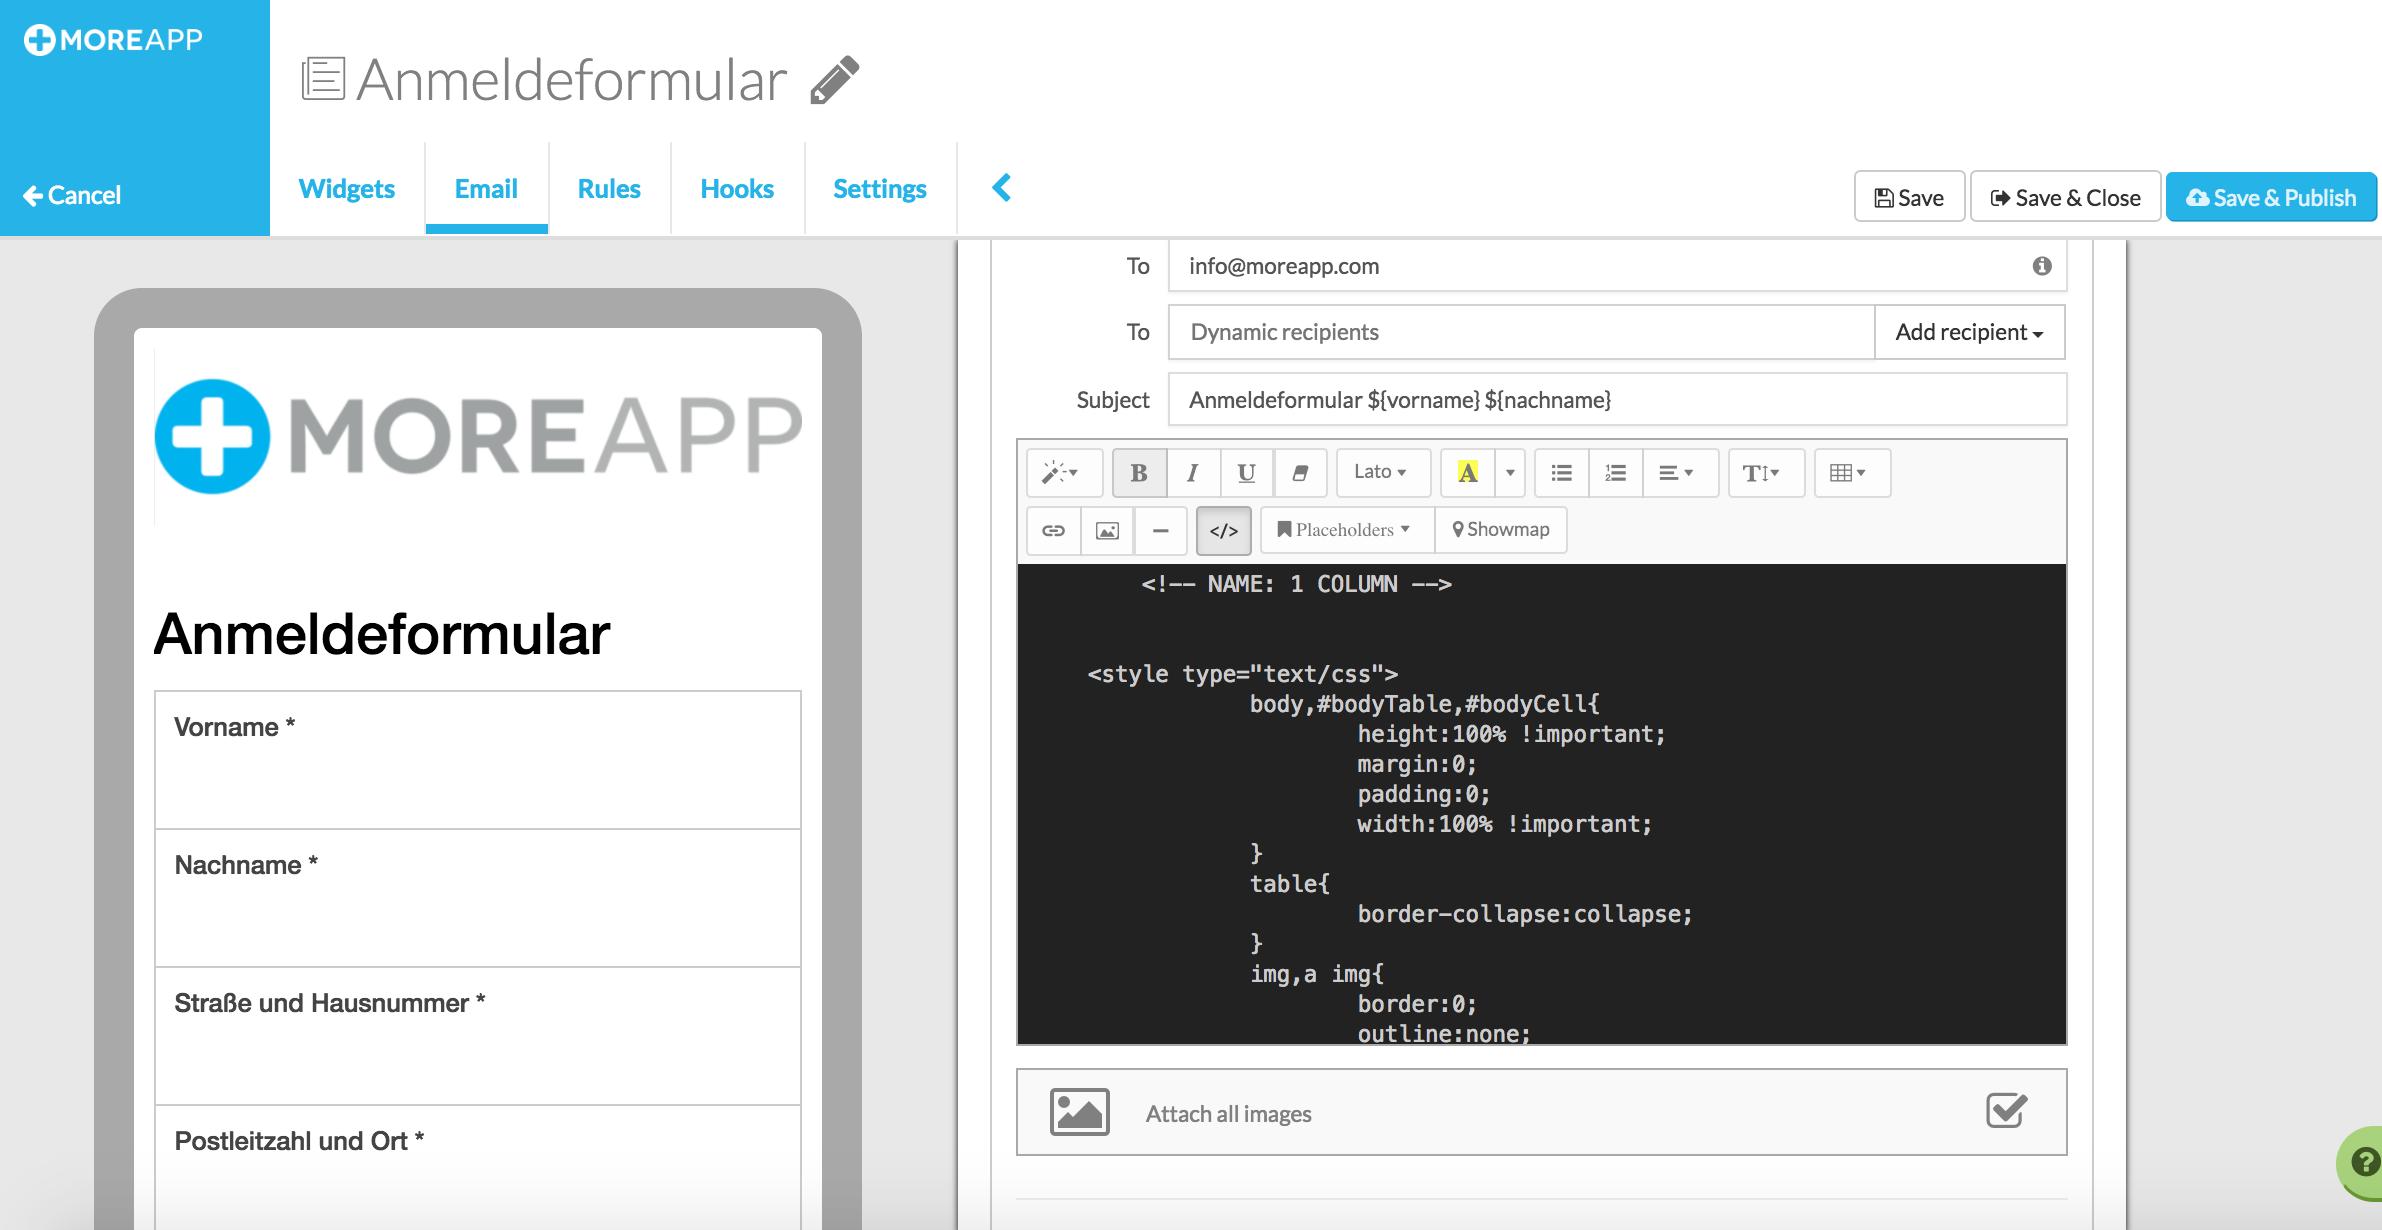 Ein MailChimp-Design zu einer MoreApp-Email hinzufügen : Help Center